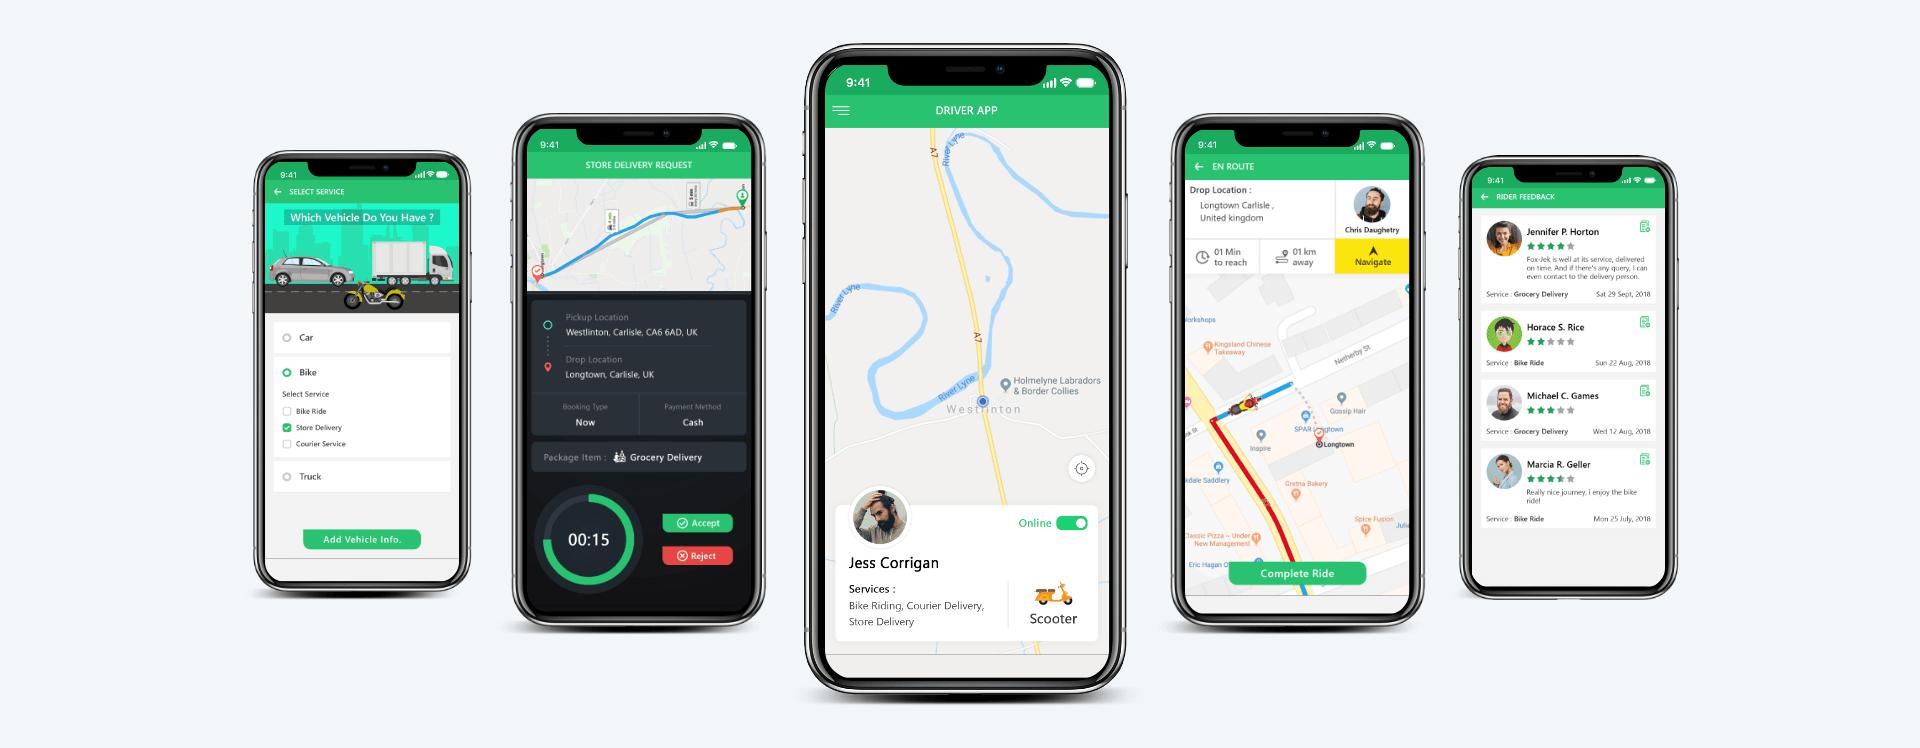 Fox-Jek Driver App